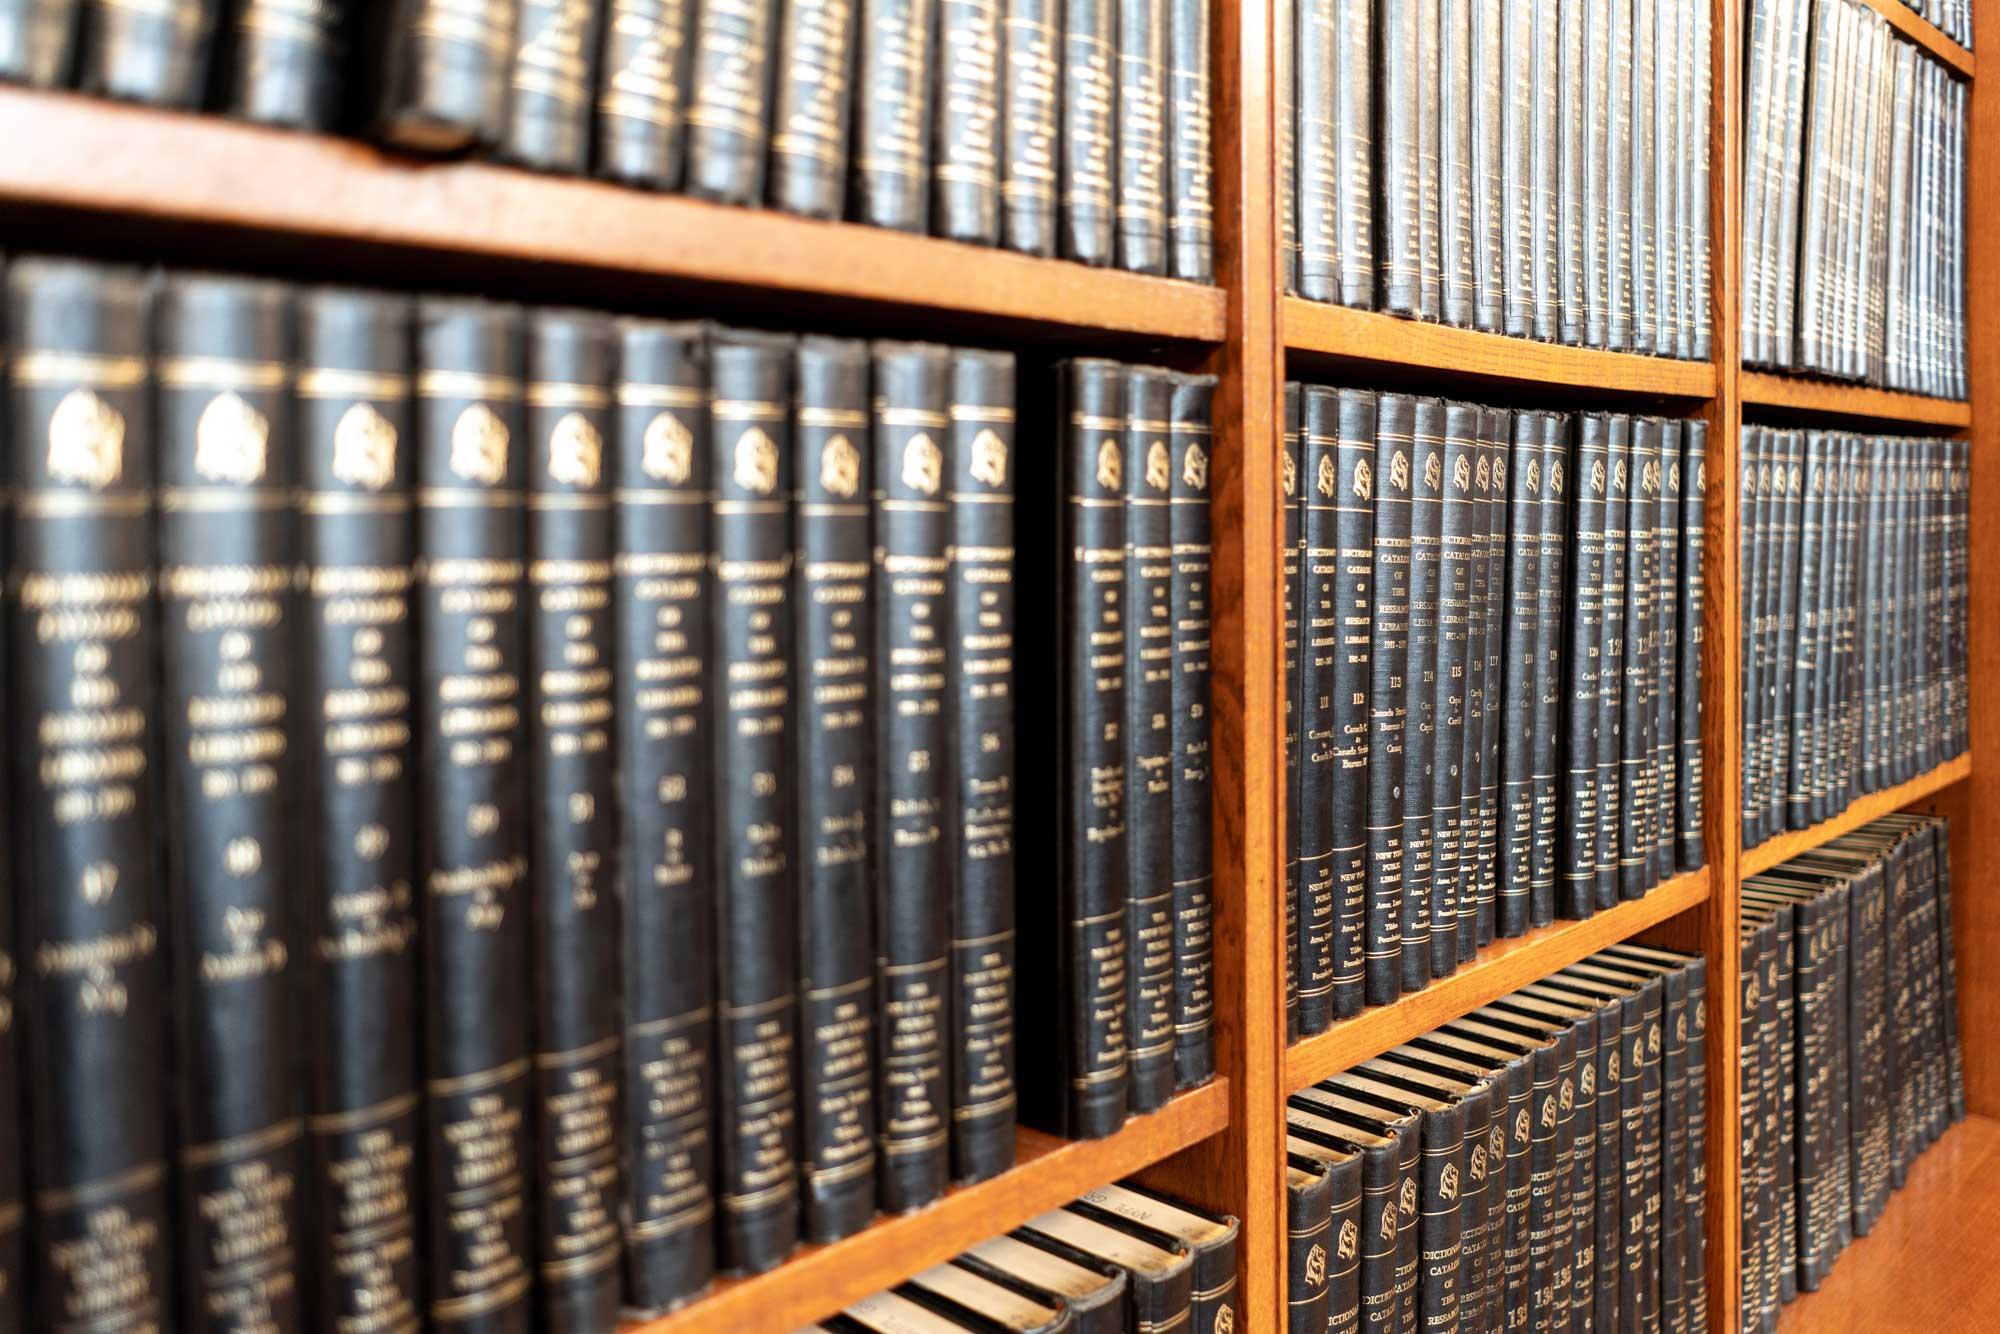 La difesa in giudizio: Affidati a un avvocato professionista per ar valere le tue ragioni e i tuoi diritti davanti al Tribunale | Assistenza per chi è stato citato in giudizio | Avvocato Paolo Corvino | www.studiolegalecorvino.it